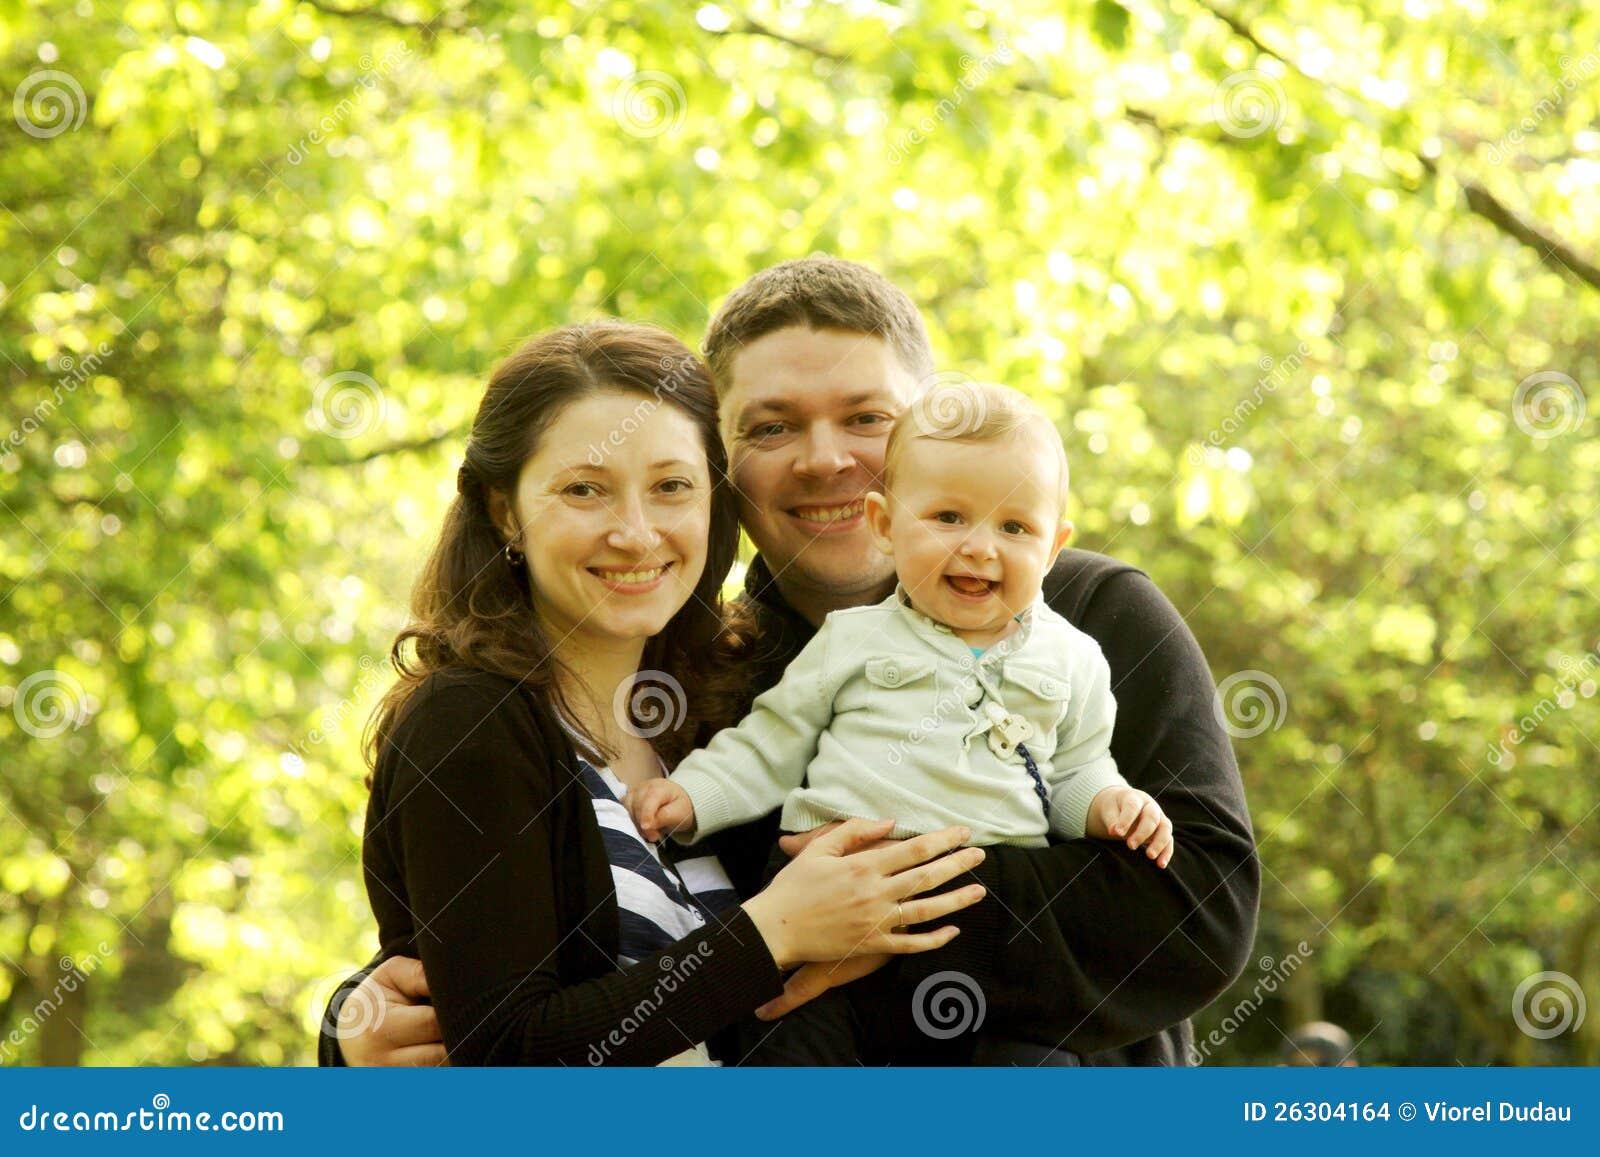 Matka i ojciec z dzieckiem